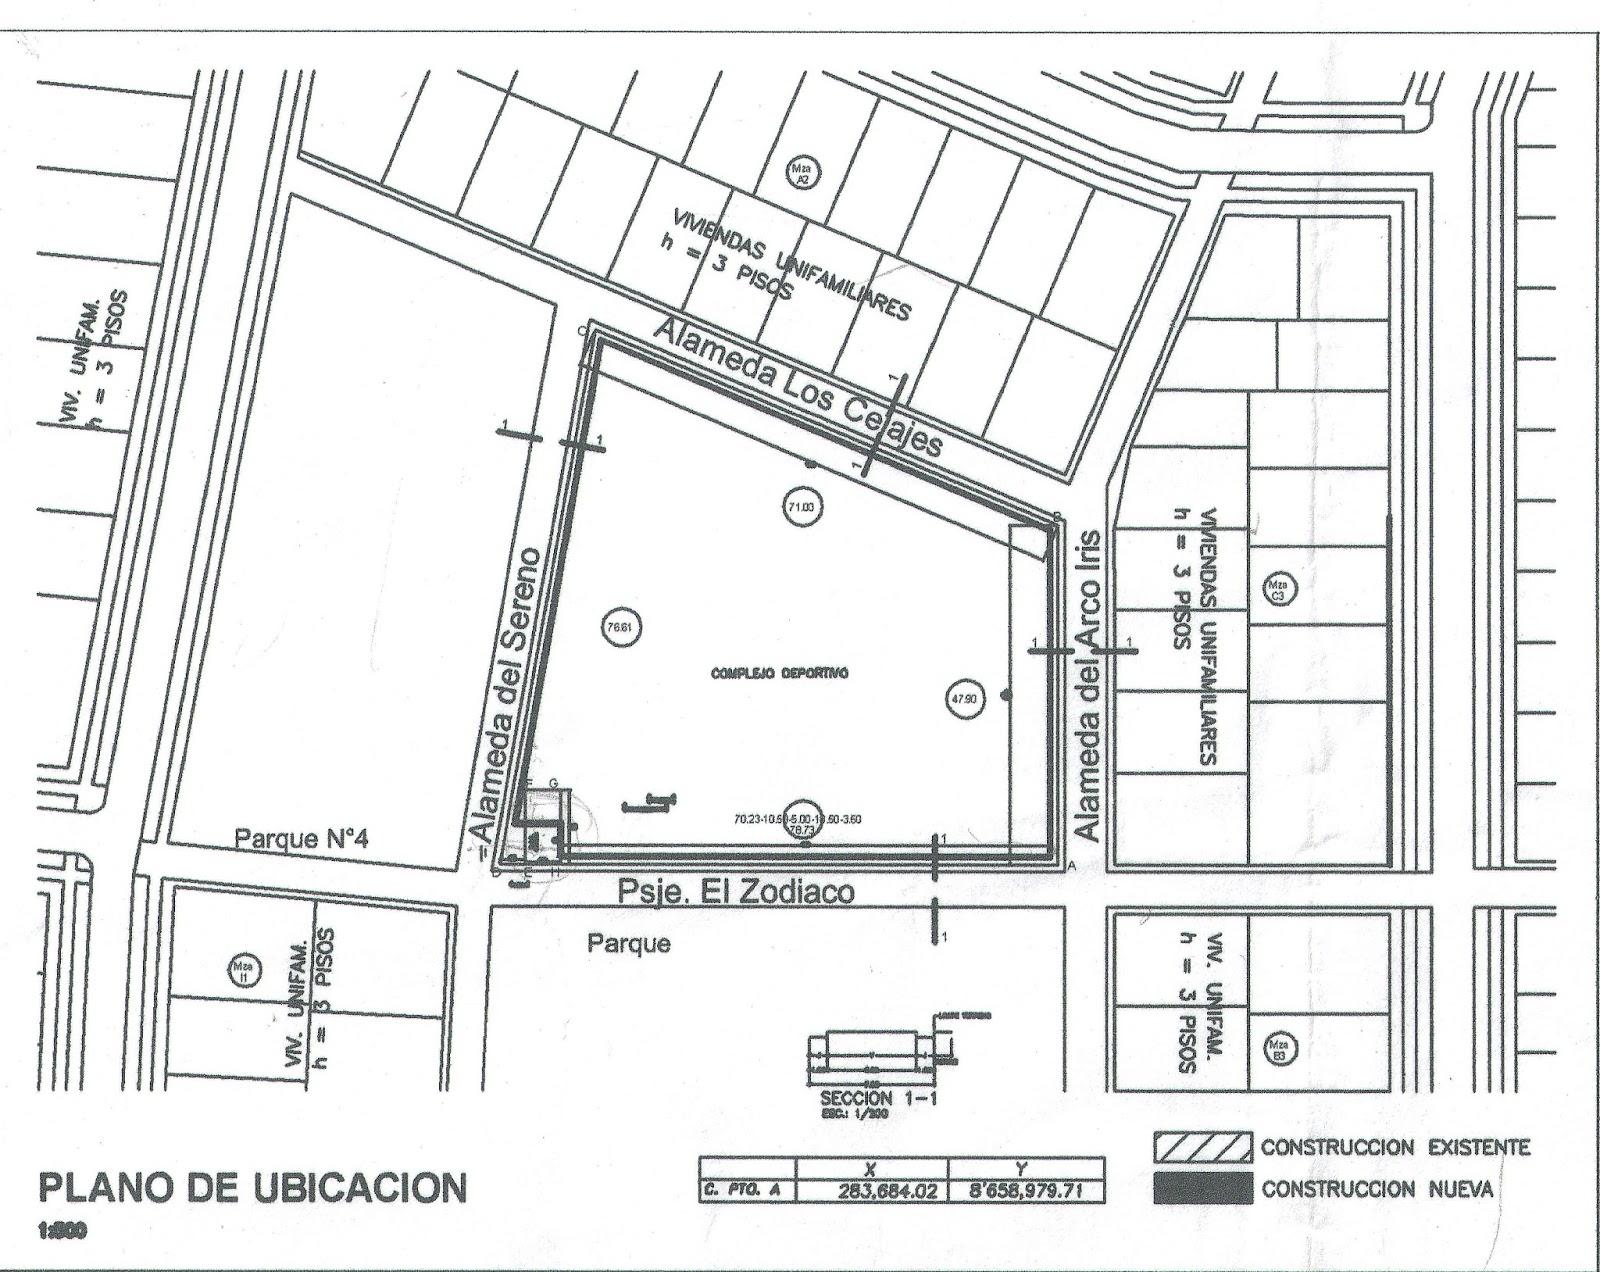 Localización De Una Casa En El Mapa: Cooperativa De Vivienda Alborada Ltda